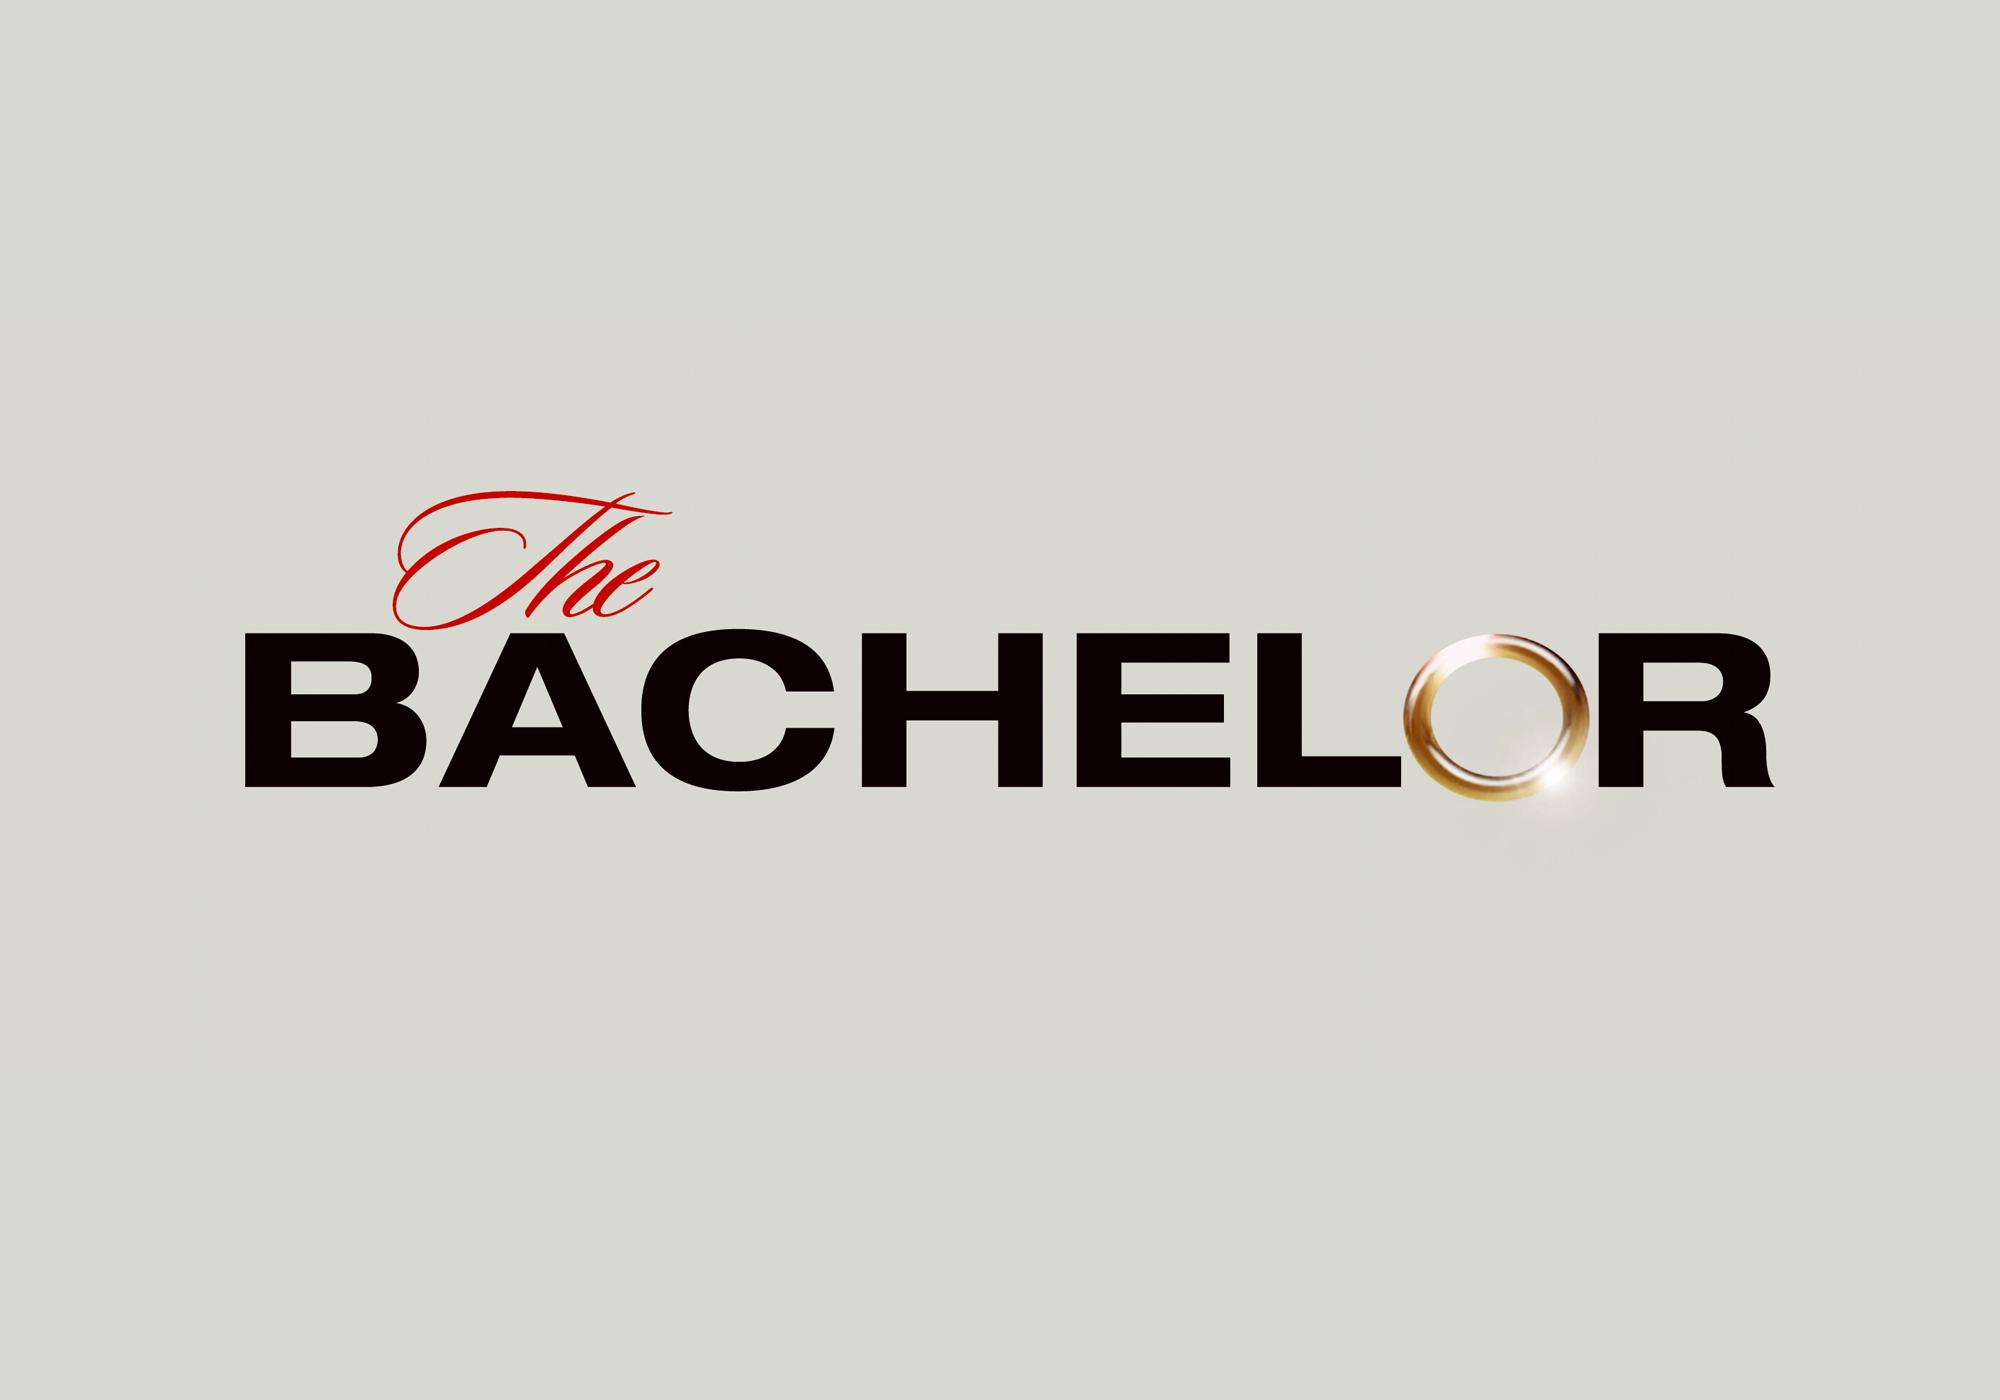 The bachelor Logos.